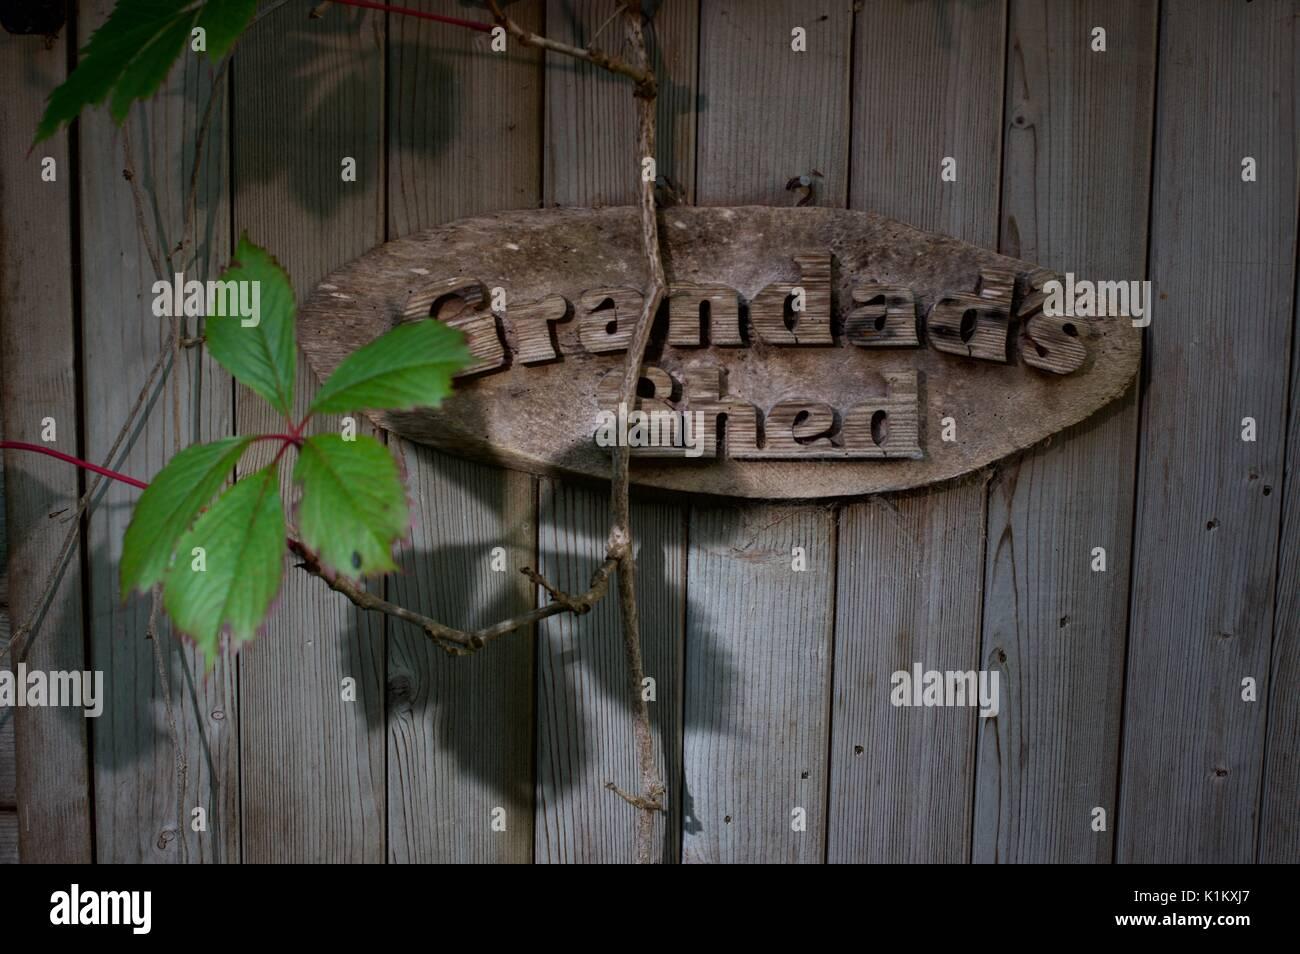 Grandads Shed Wooden Garden Sign